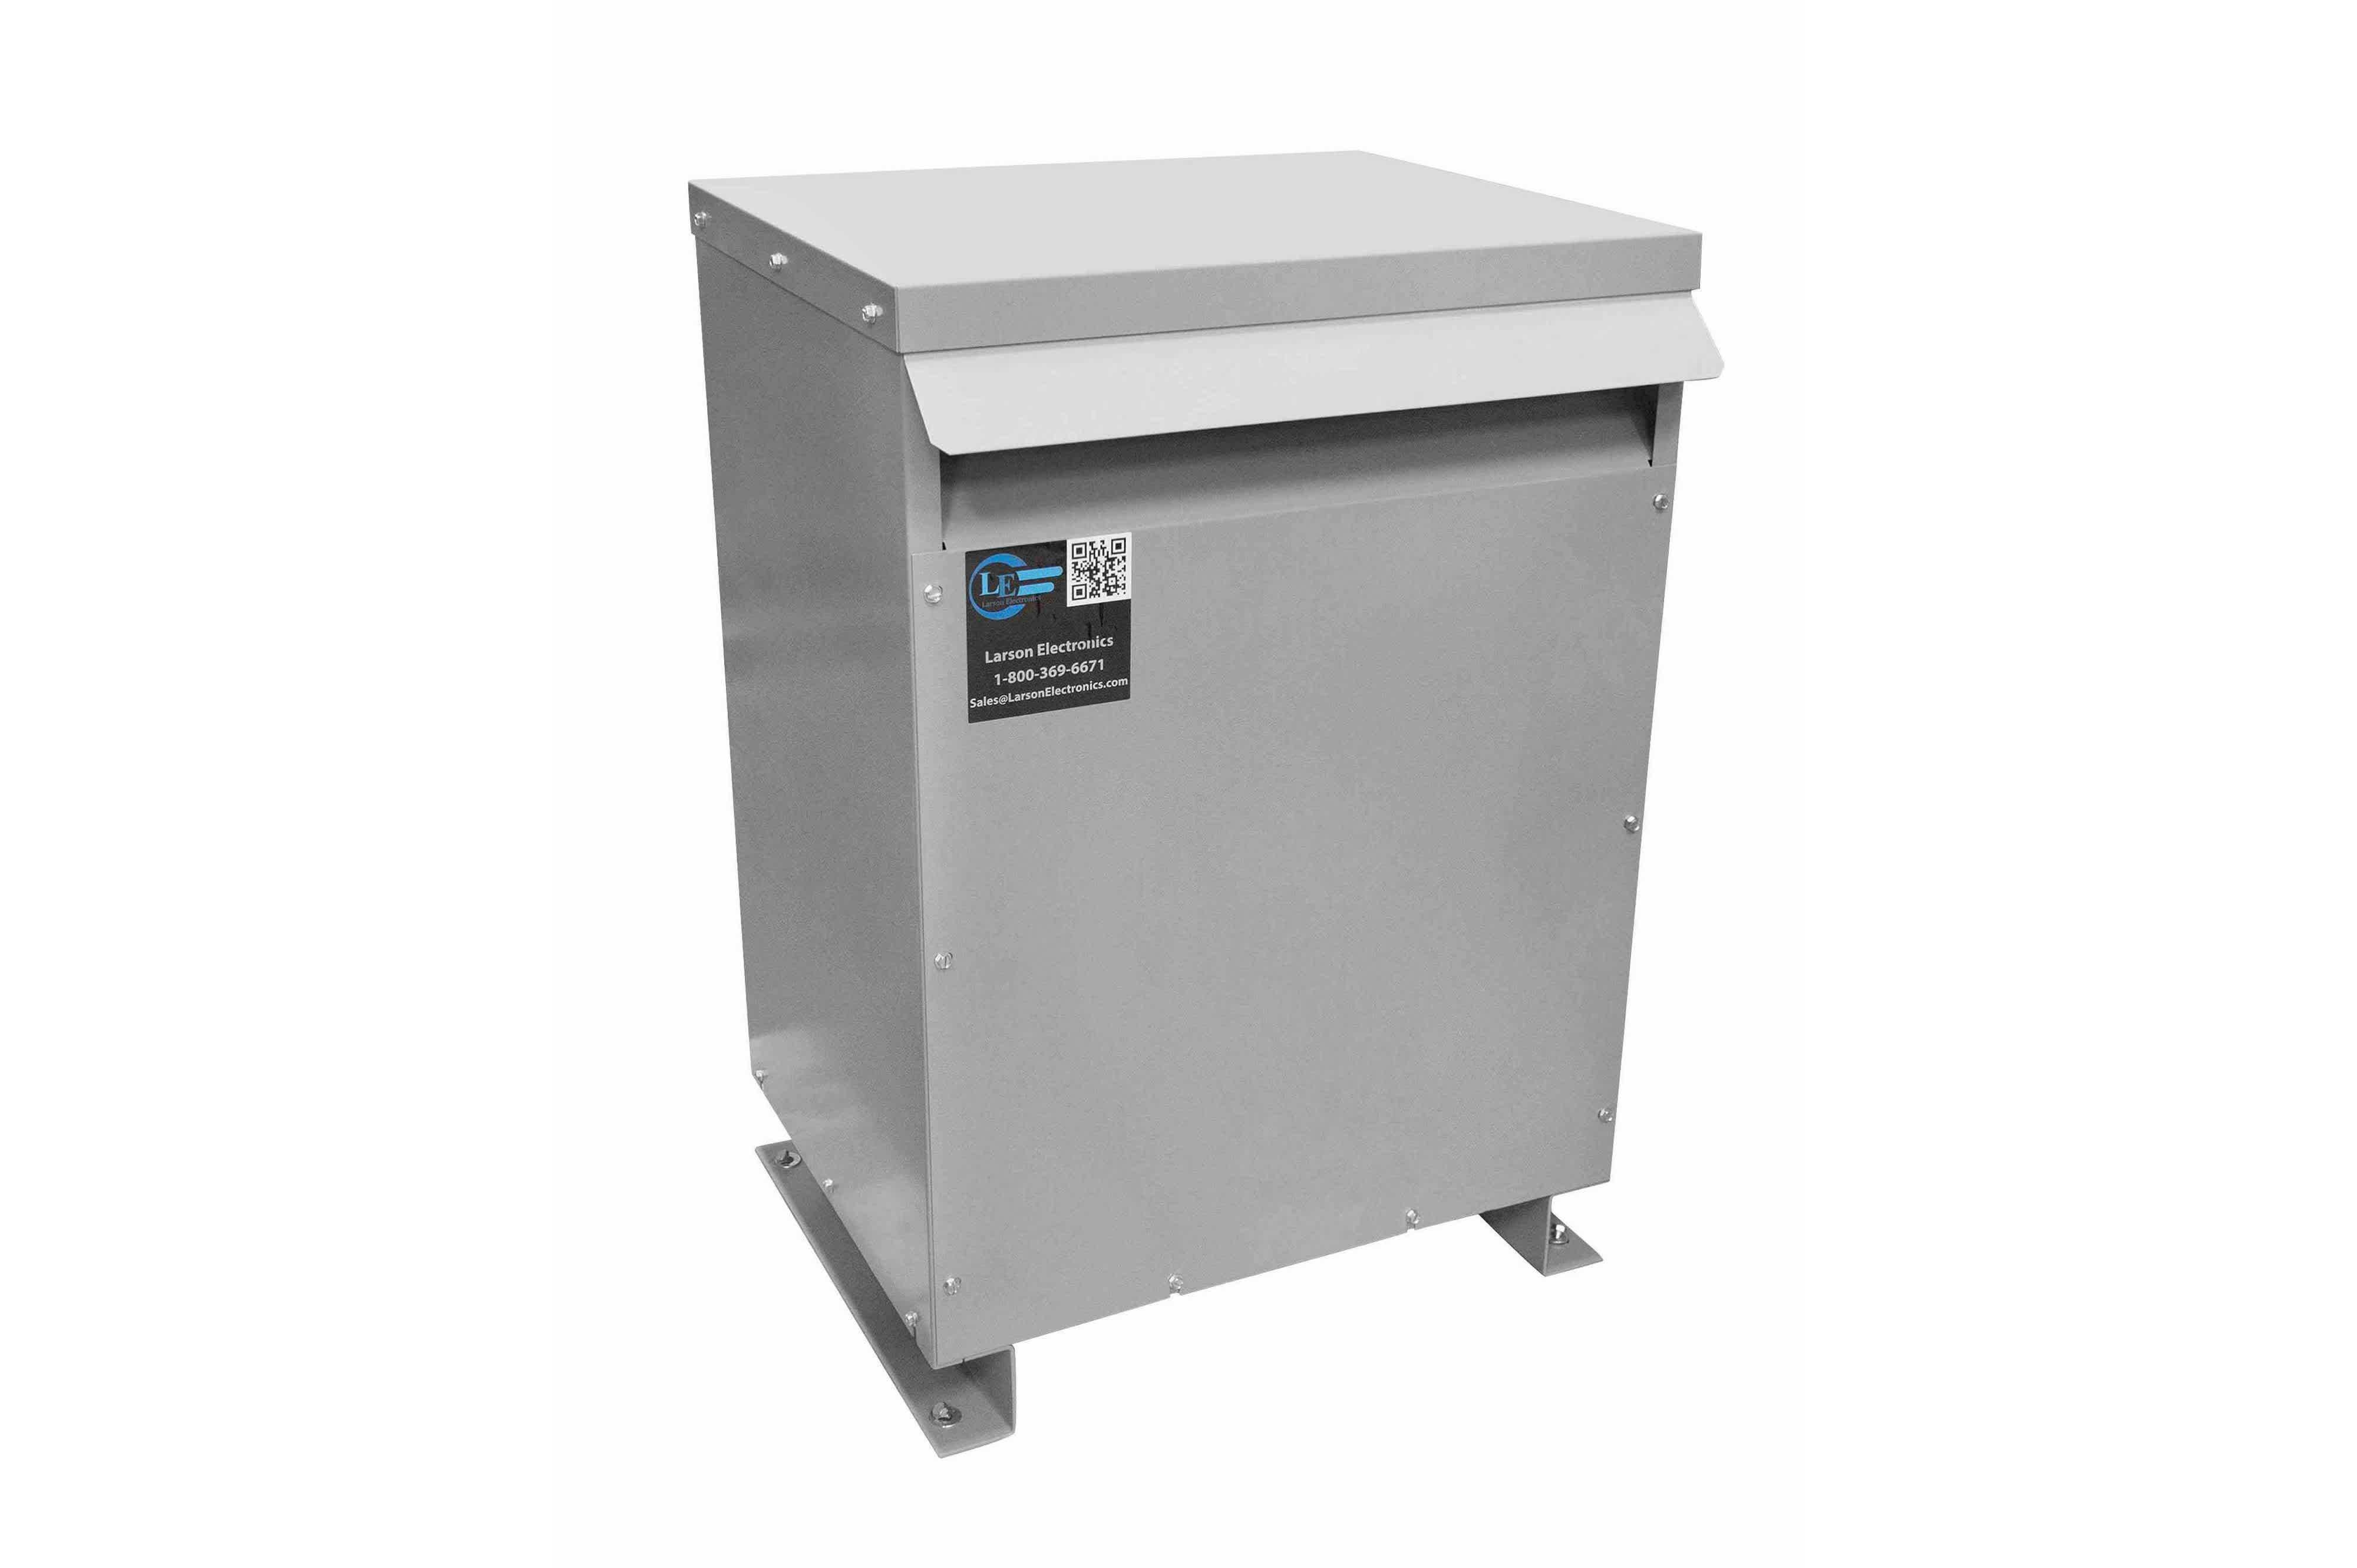 600 kVA 3PH Isolation Transformer, 240V Delta Primary, 400V Delta Secondary, N3R, Ventilated, 60 Hz